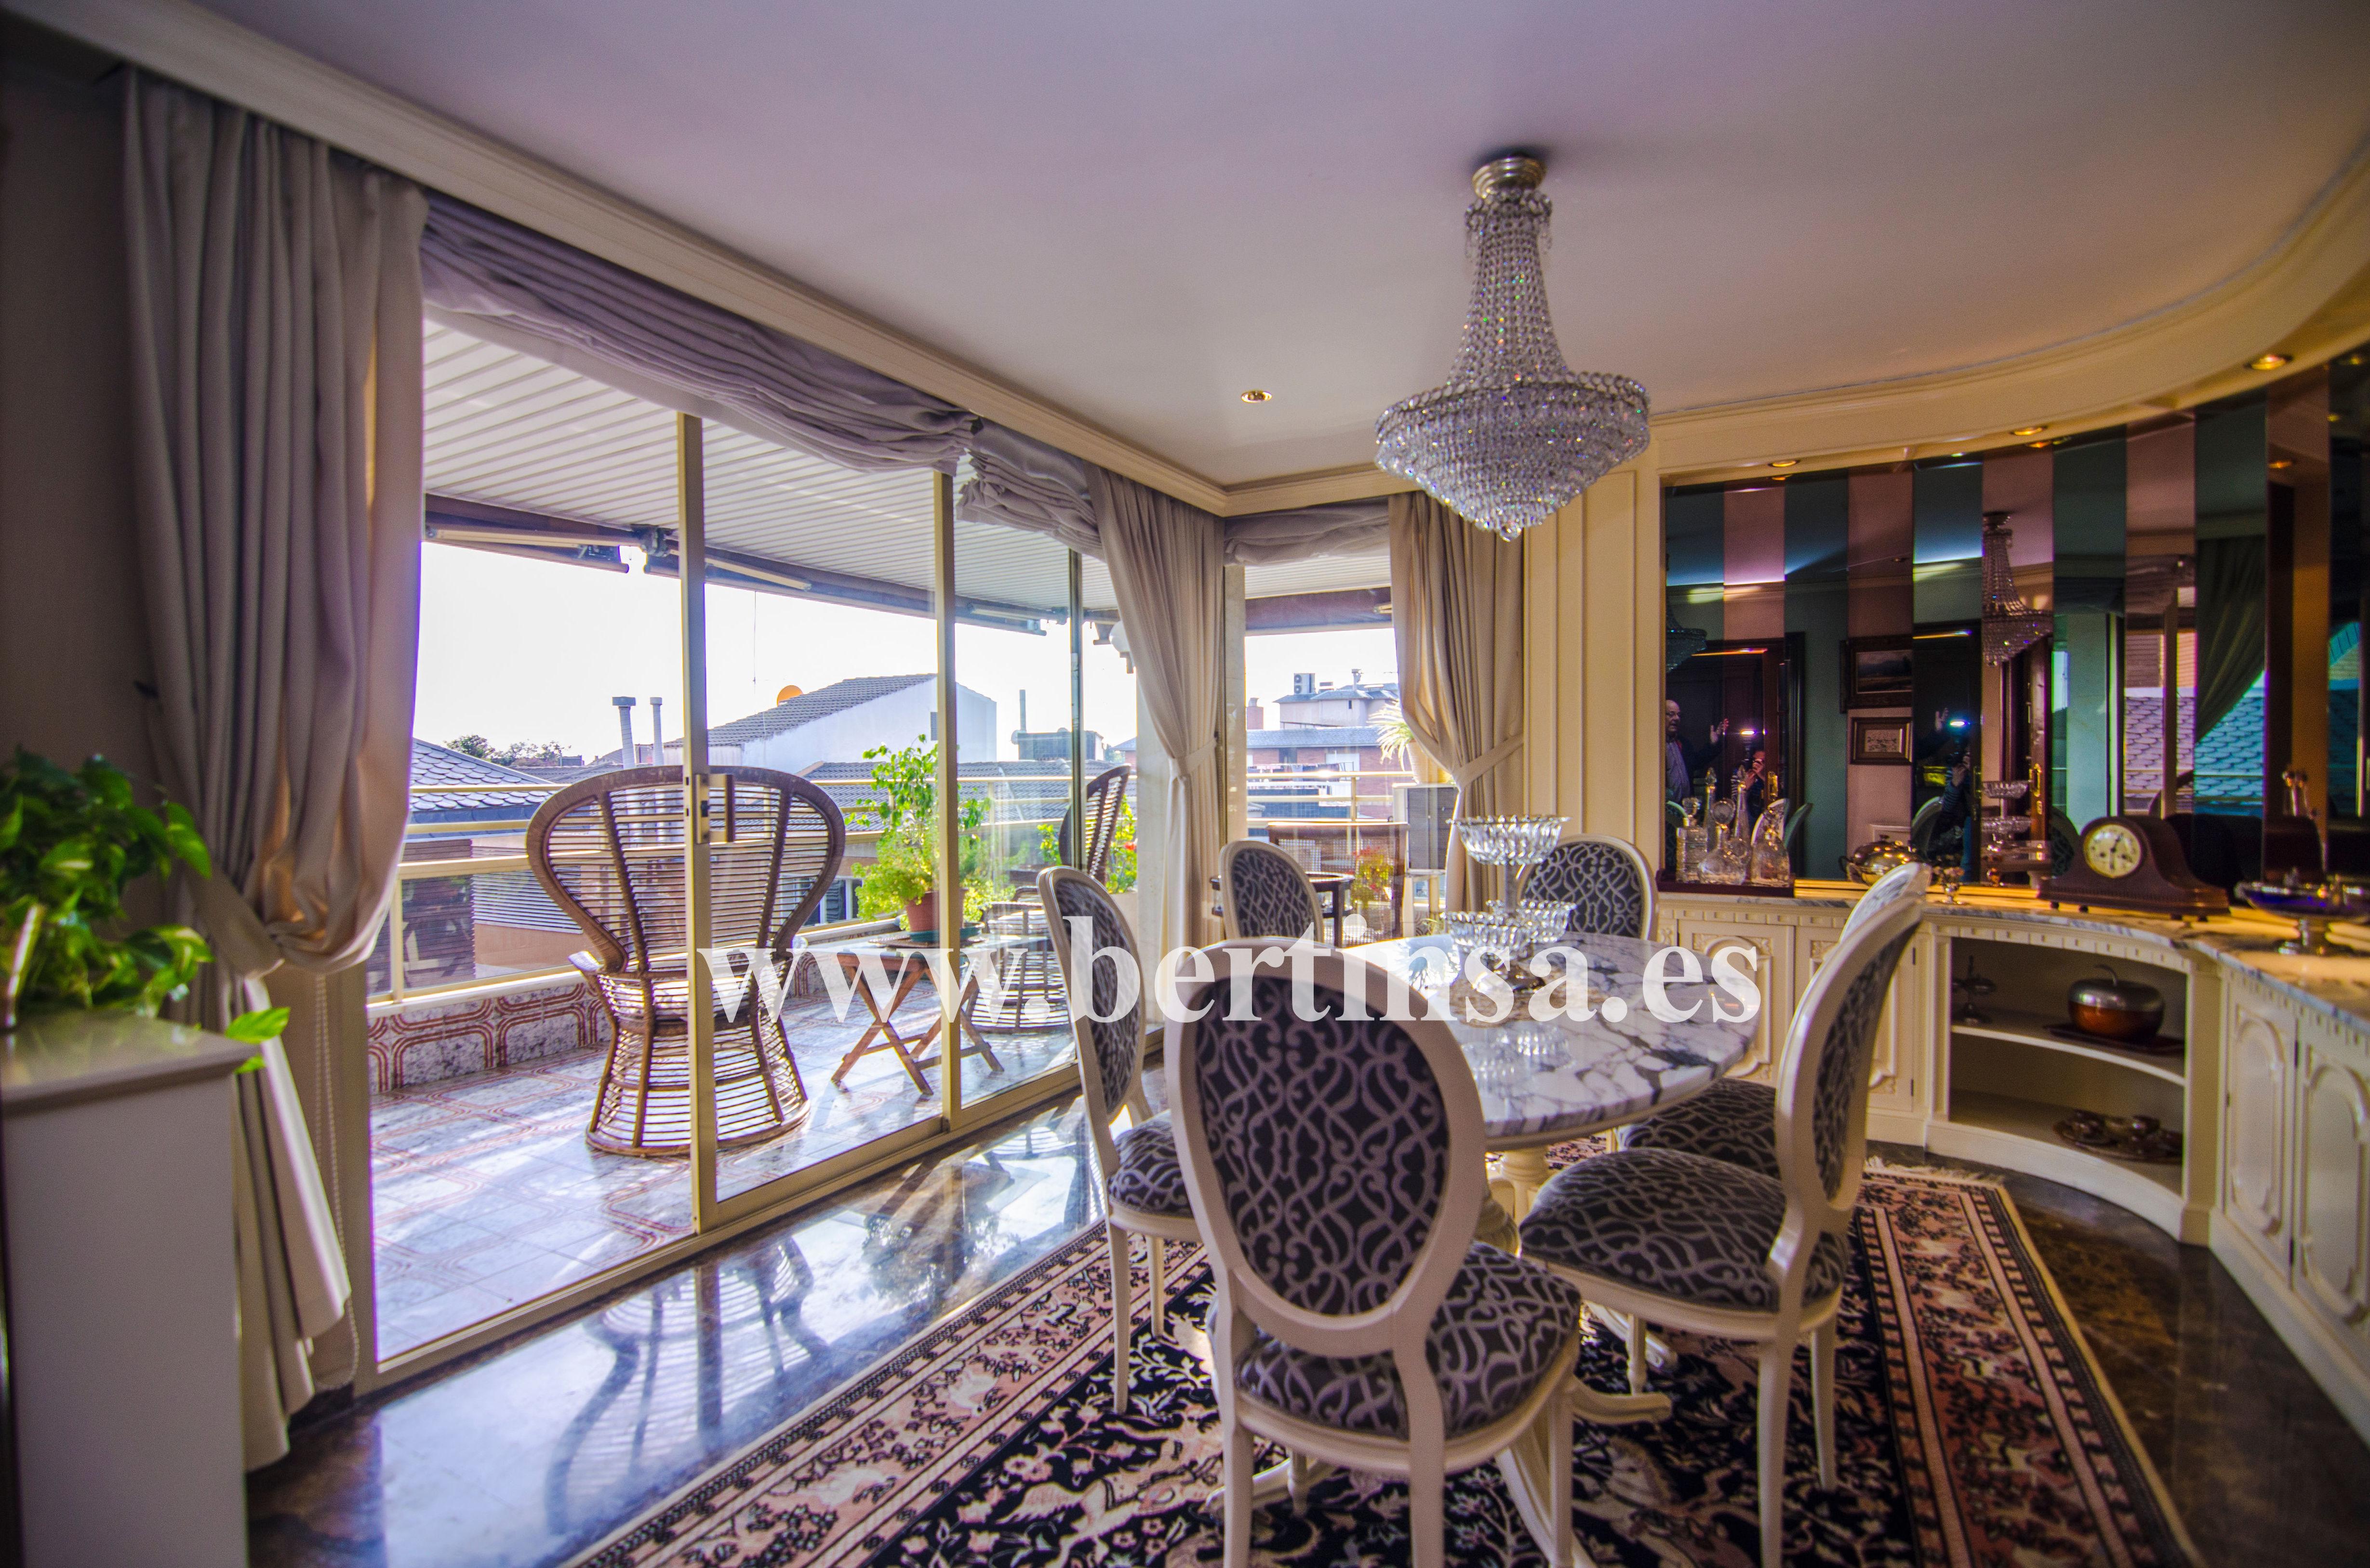 Atico en Tres Torres C/ Escuelas Pias 1.690.000€ Negociables: Visita nuestras inmuebles de Bertinsa Real Estate, Investments & Sale Services